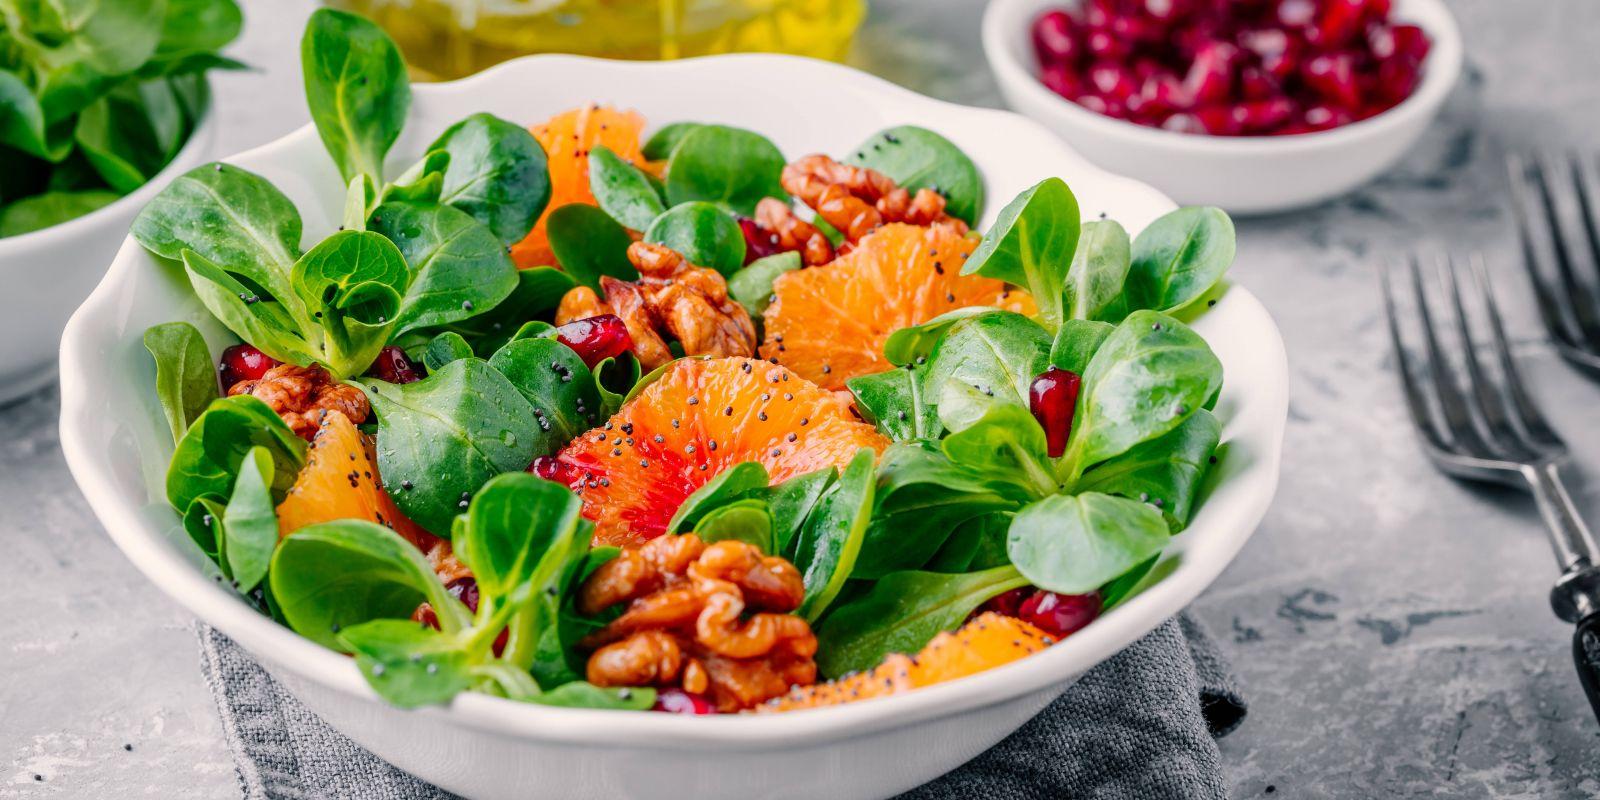 So geht die gesunde, fleischlose und klimaschonende Ernährung